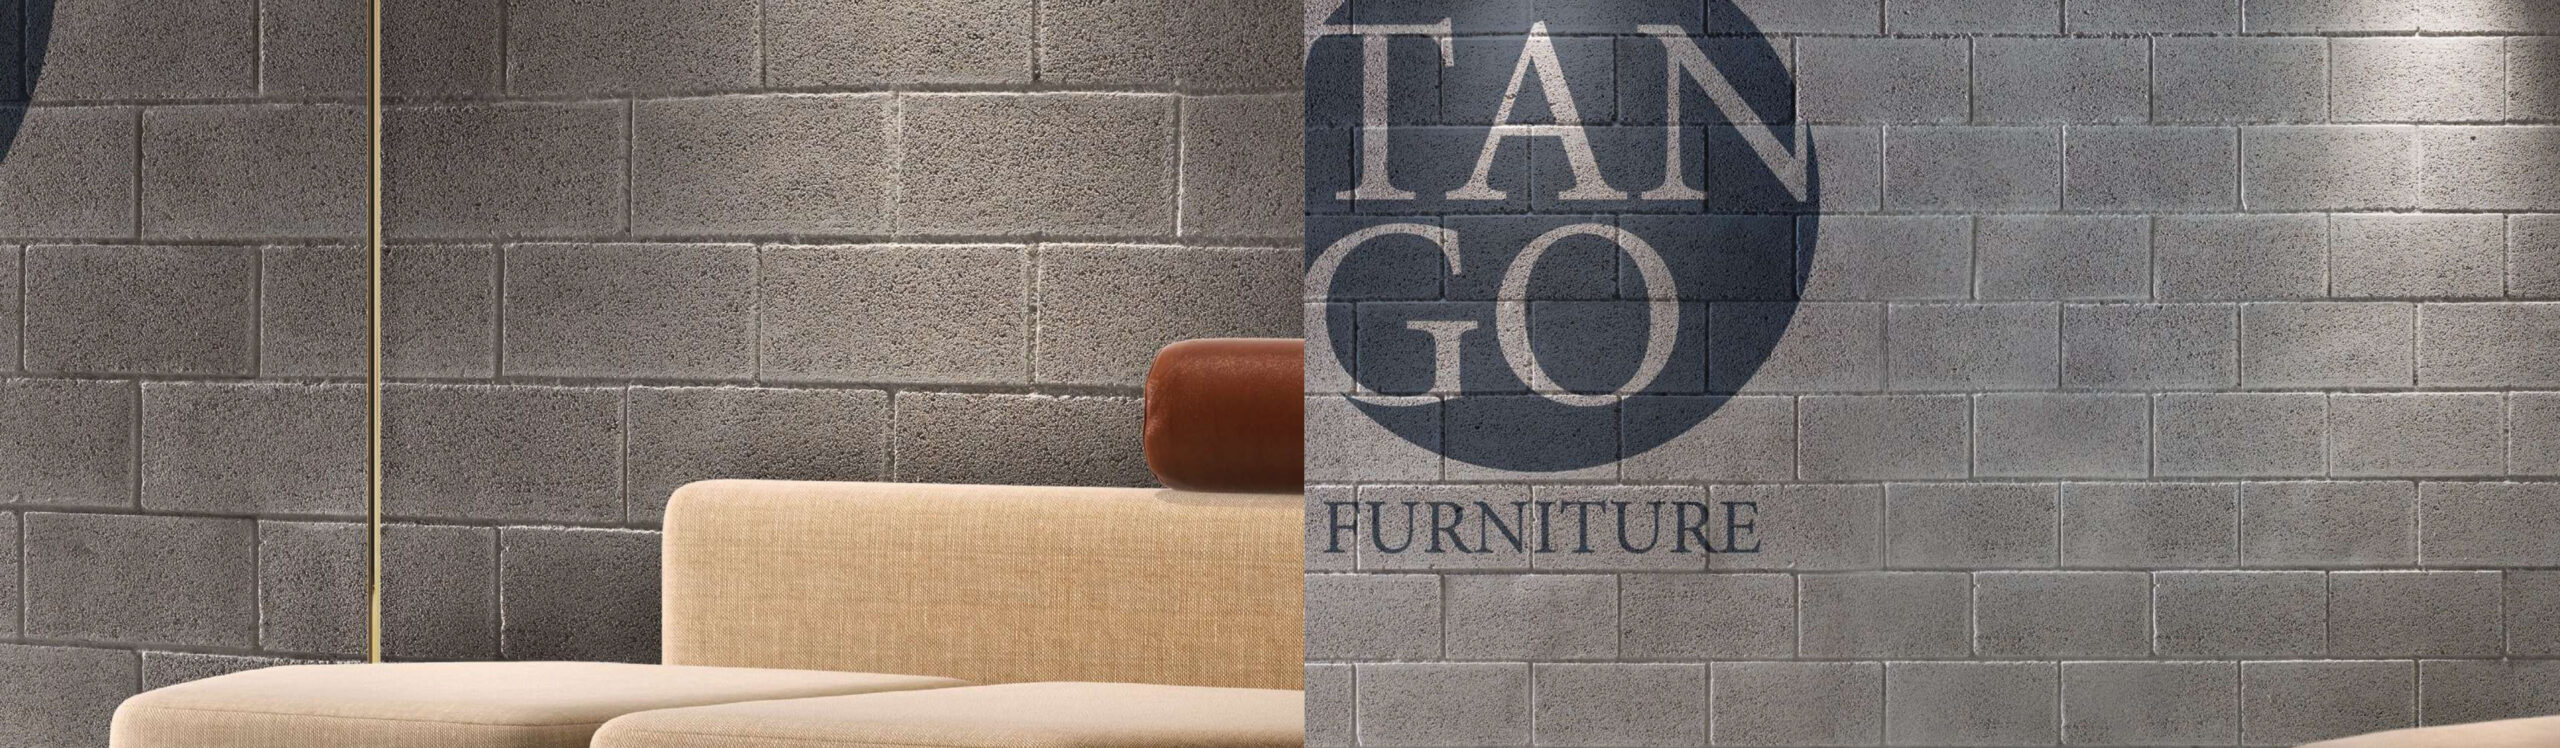 Panel imitación cemento